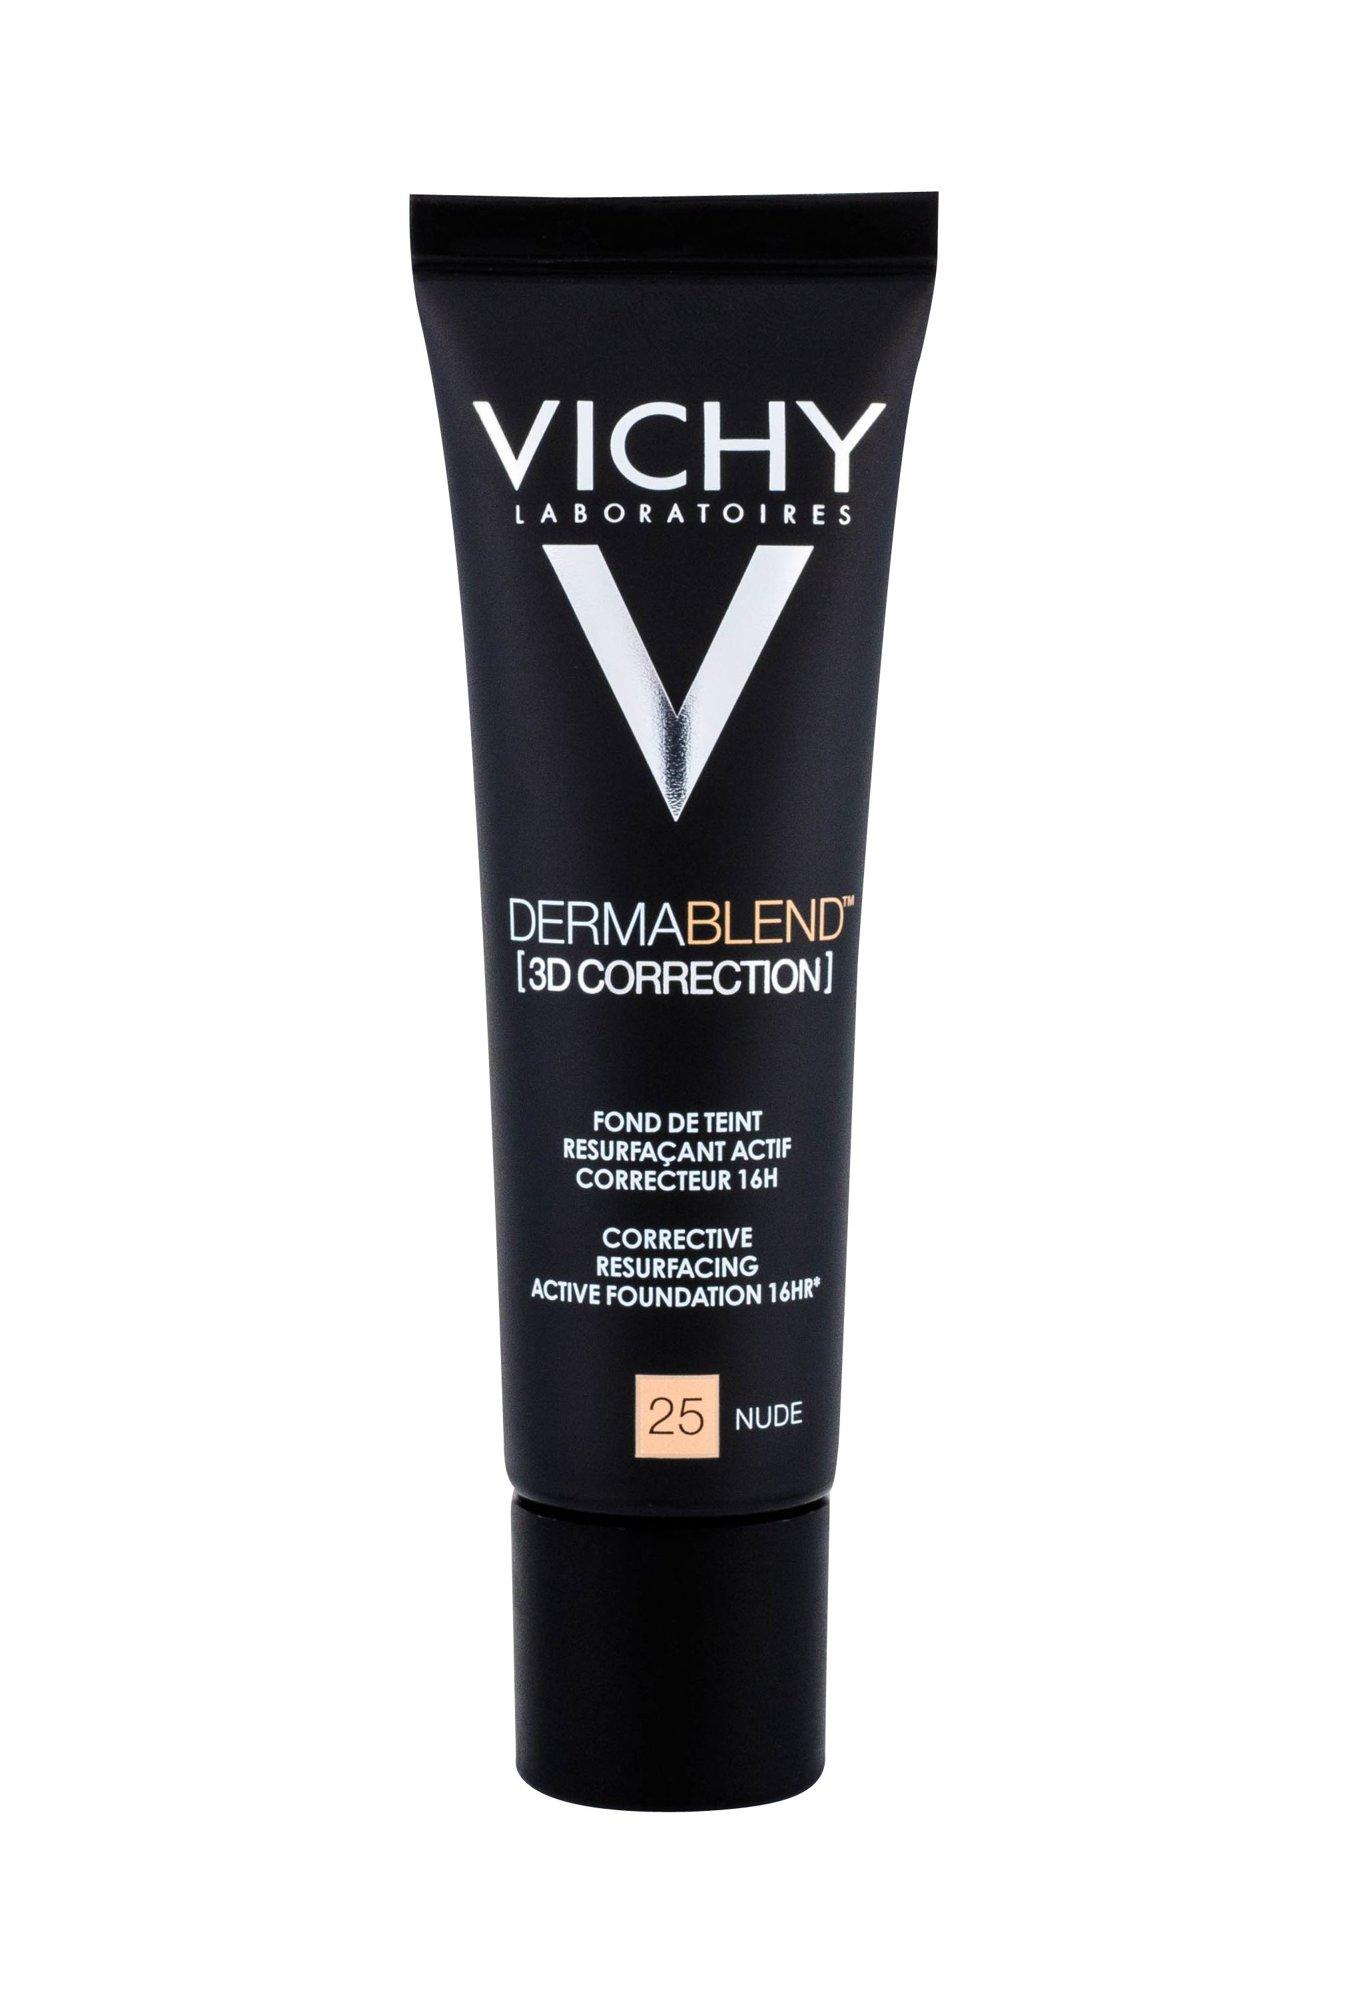 Vichy Dermablend Makeup 30ml 25 Nude